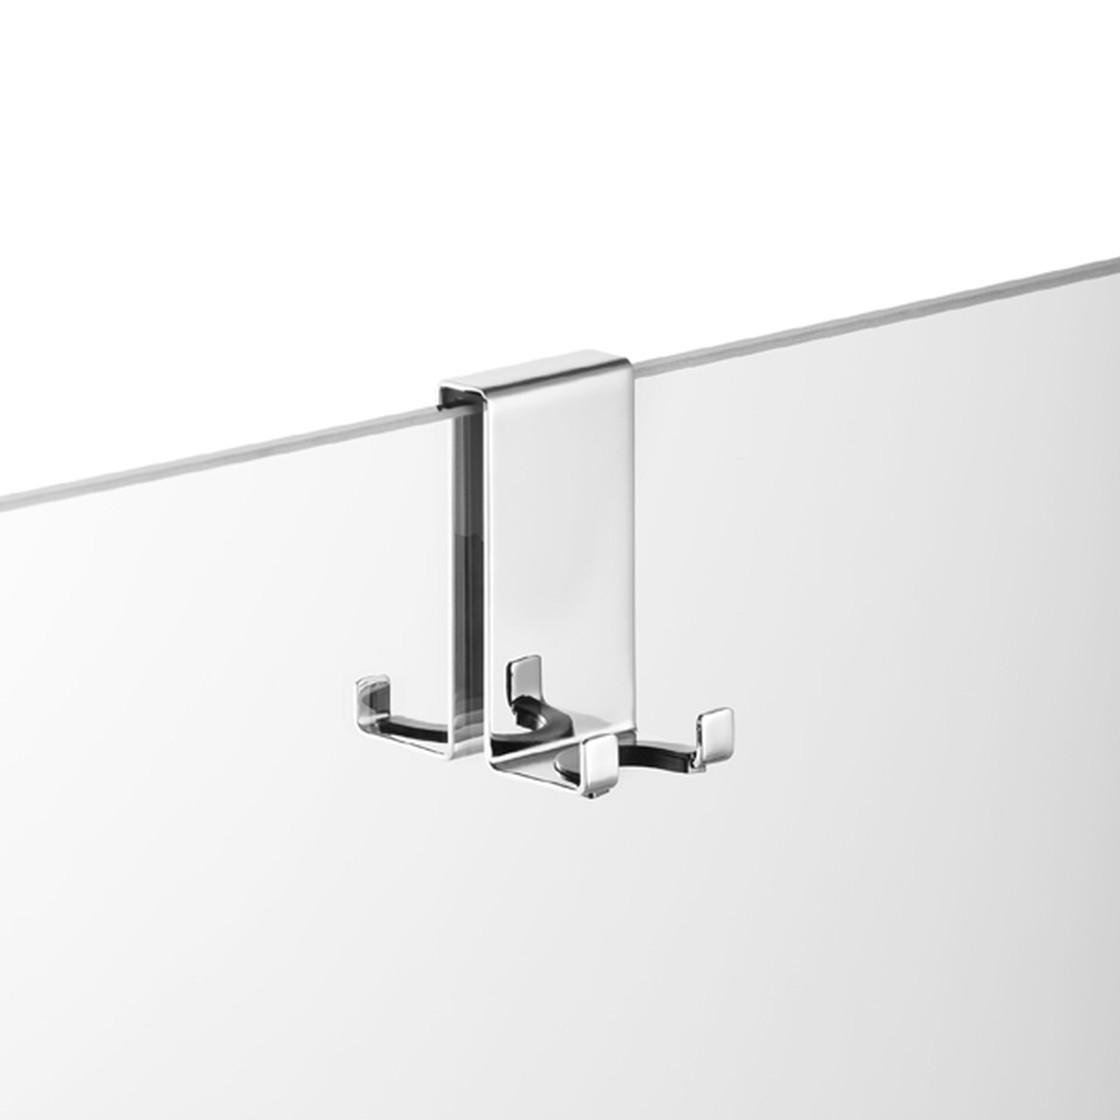 Serie Univ. für 6,8,10 mm AVENARIUS Halter für Duschabtrennung; mit 2 Haken